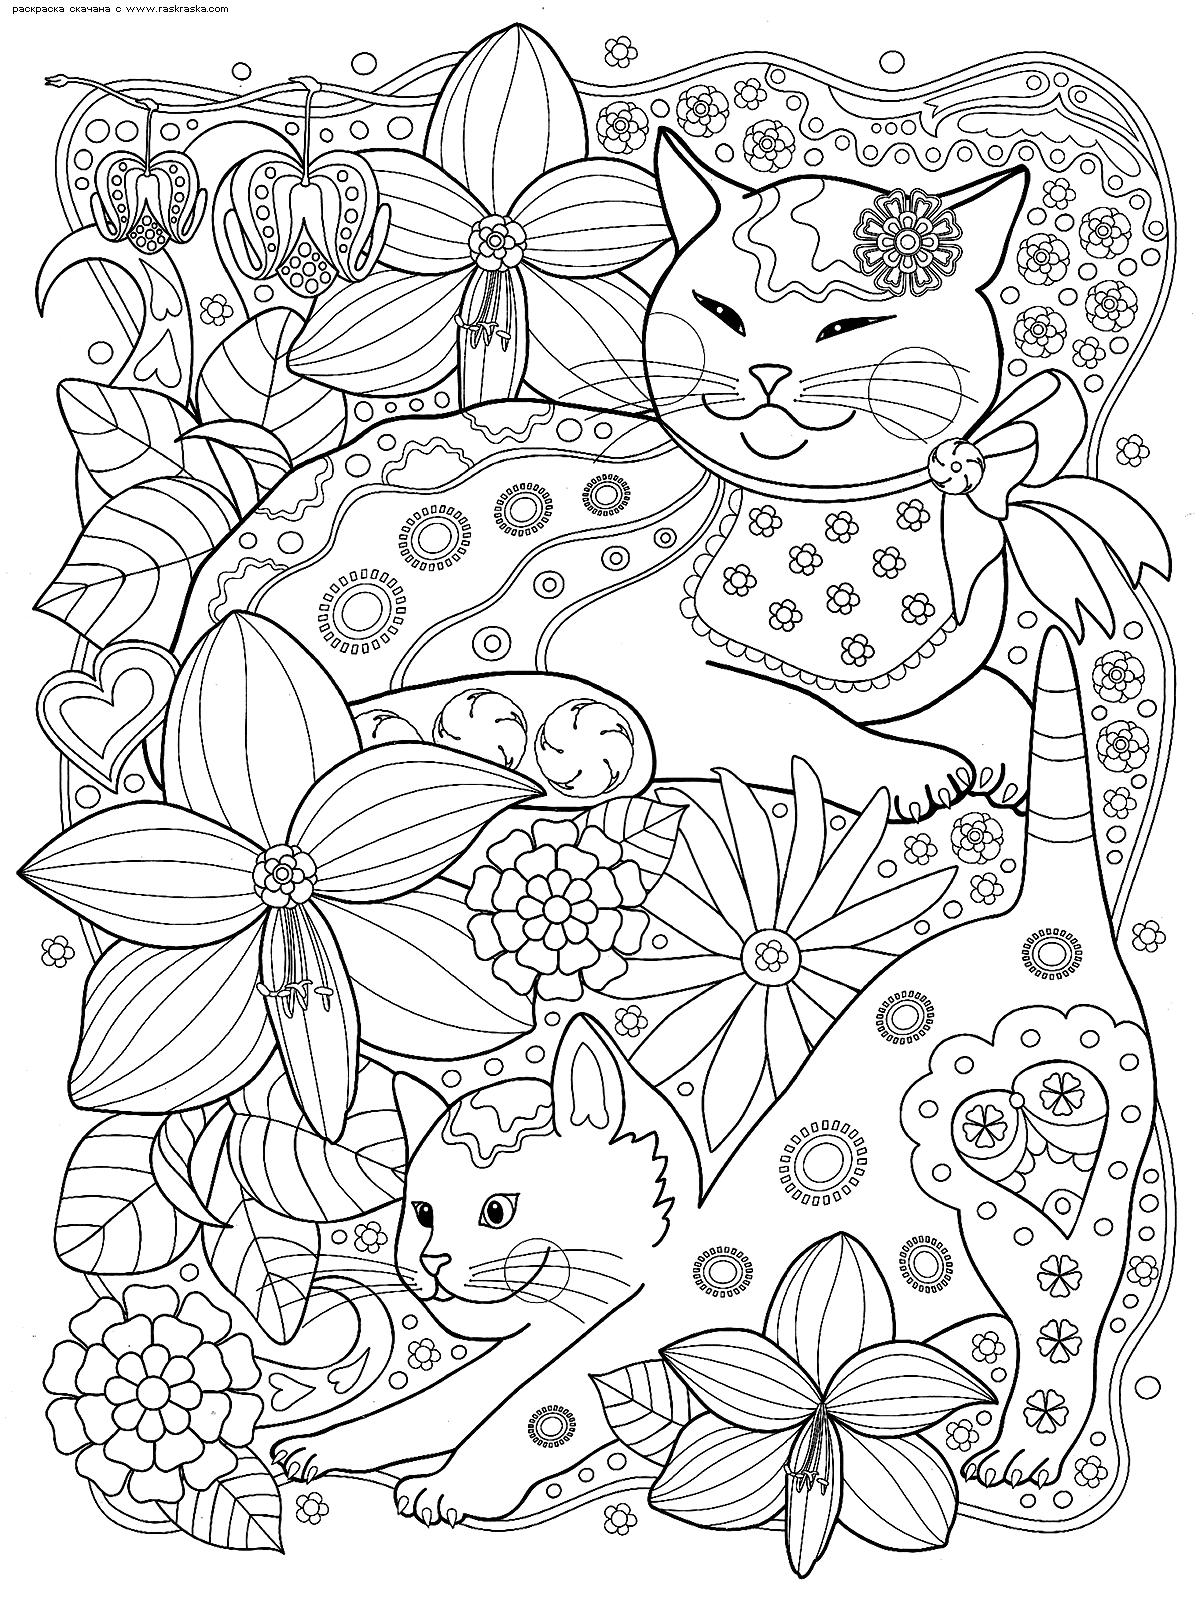 Раскраска Коты с цветами | Раскраски антистресс Кошки ...